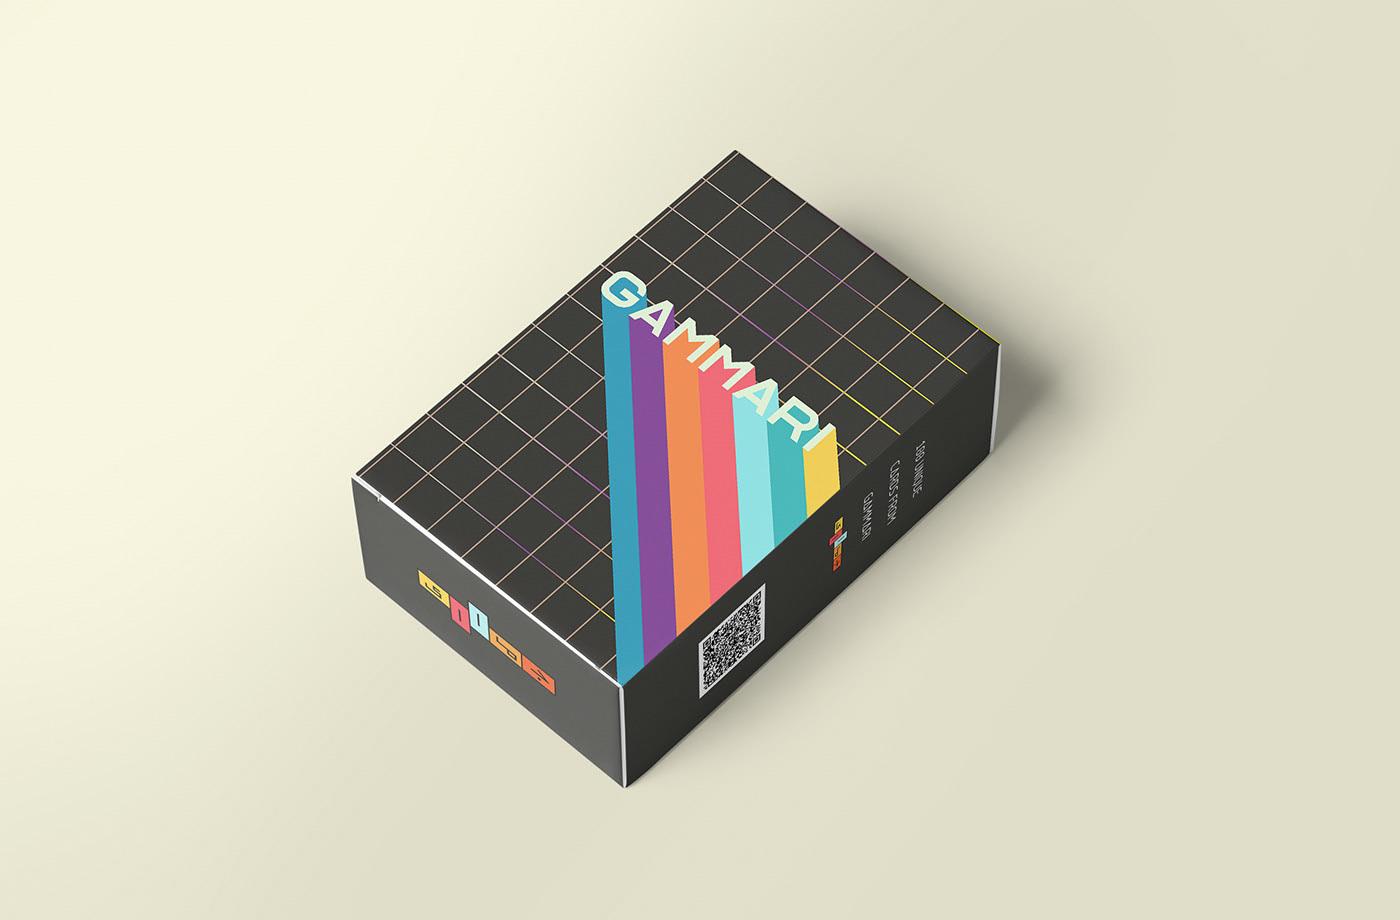 diseño grafico estilo 80s - Tendencias en el diseño gráfico 2020